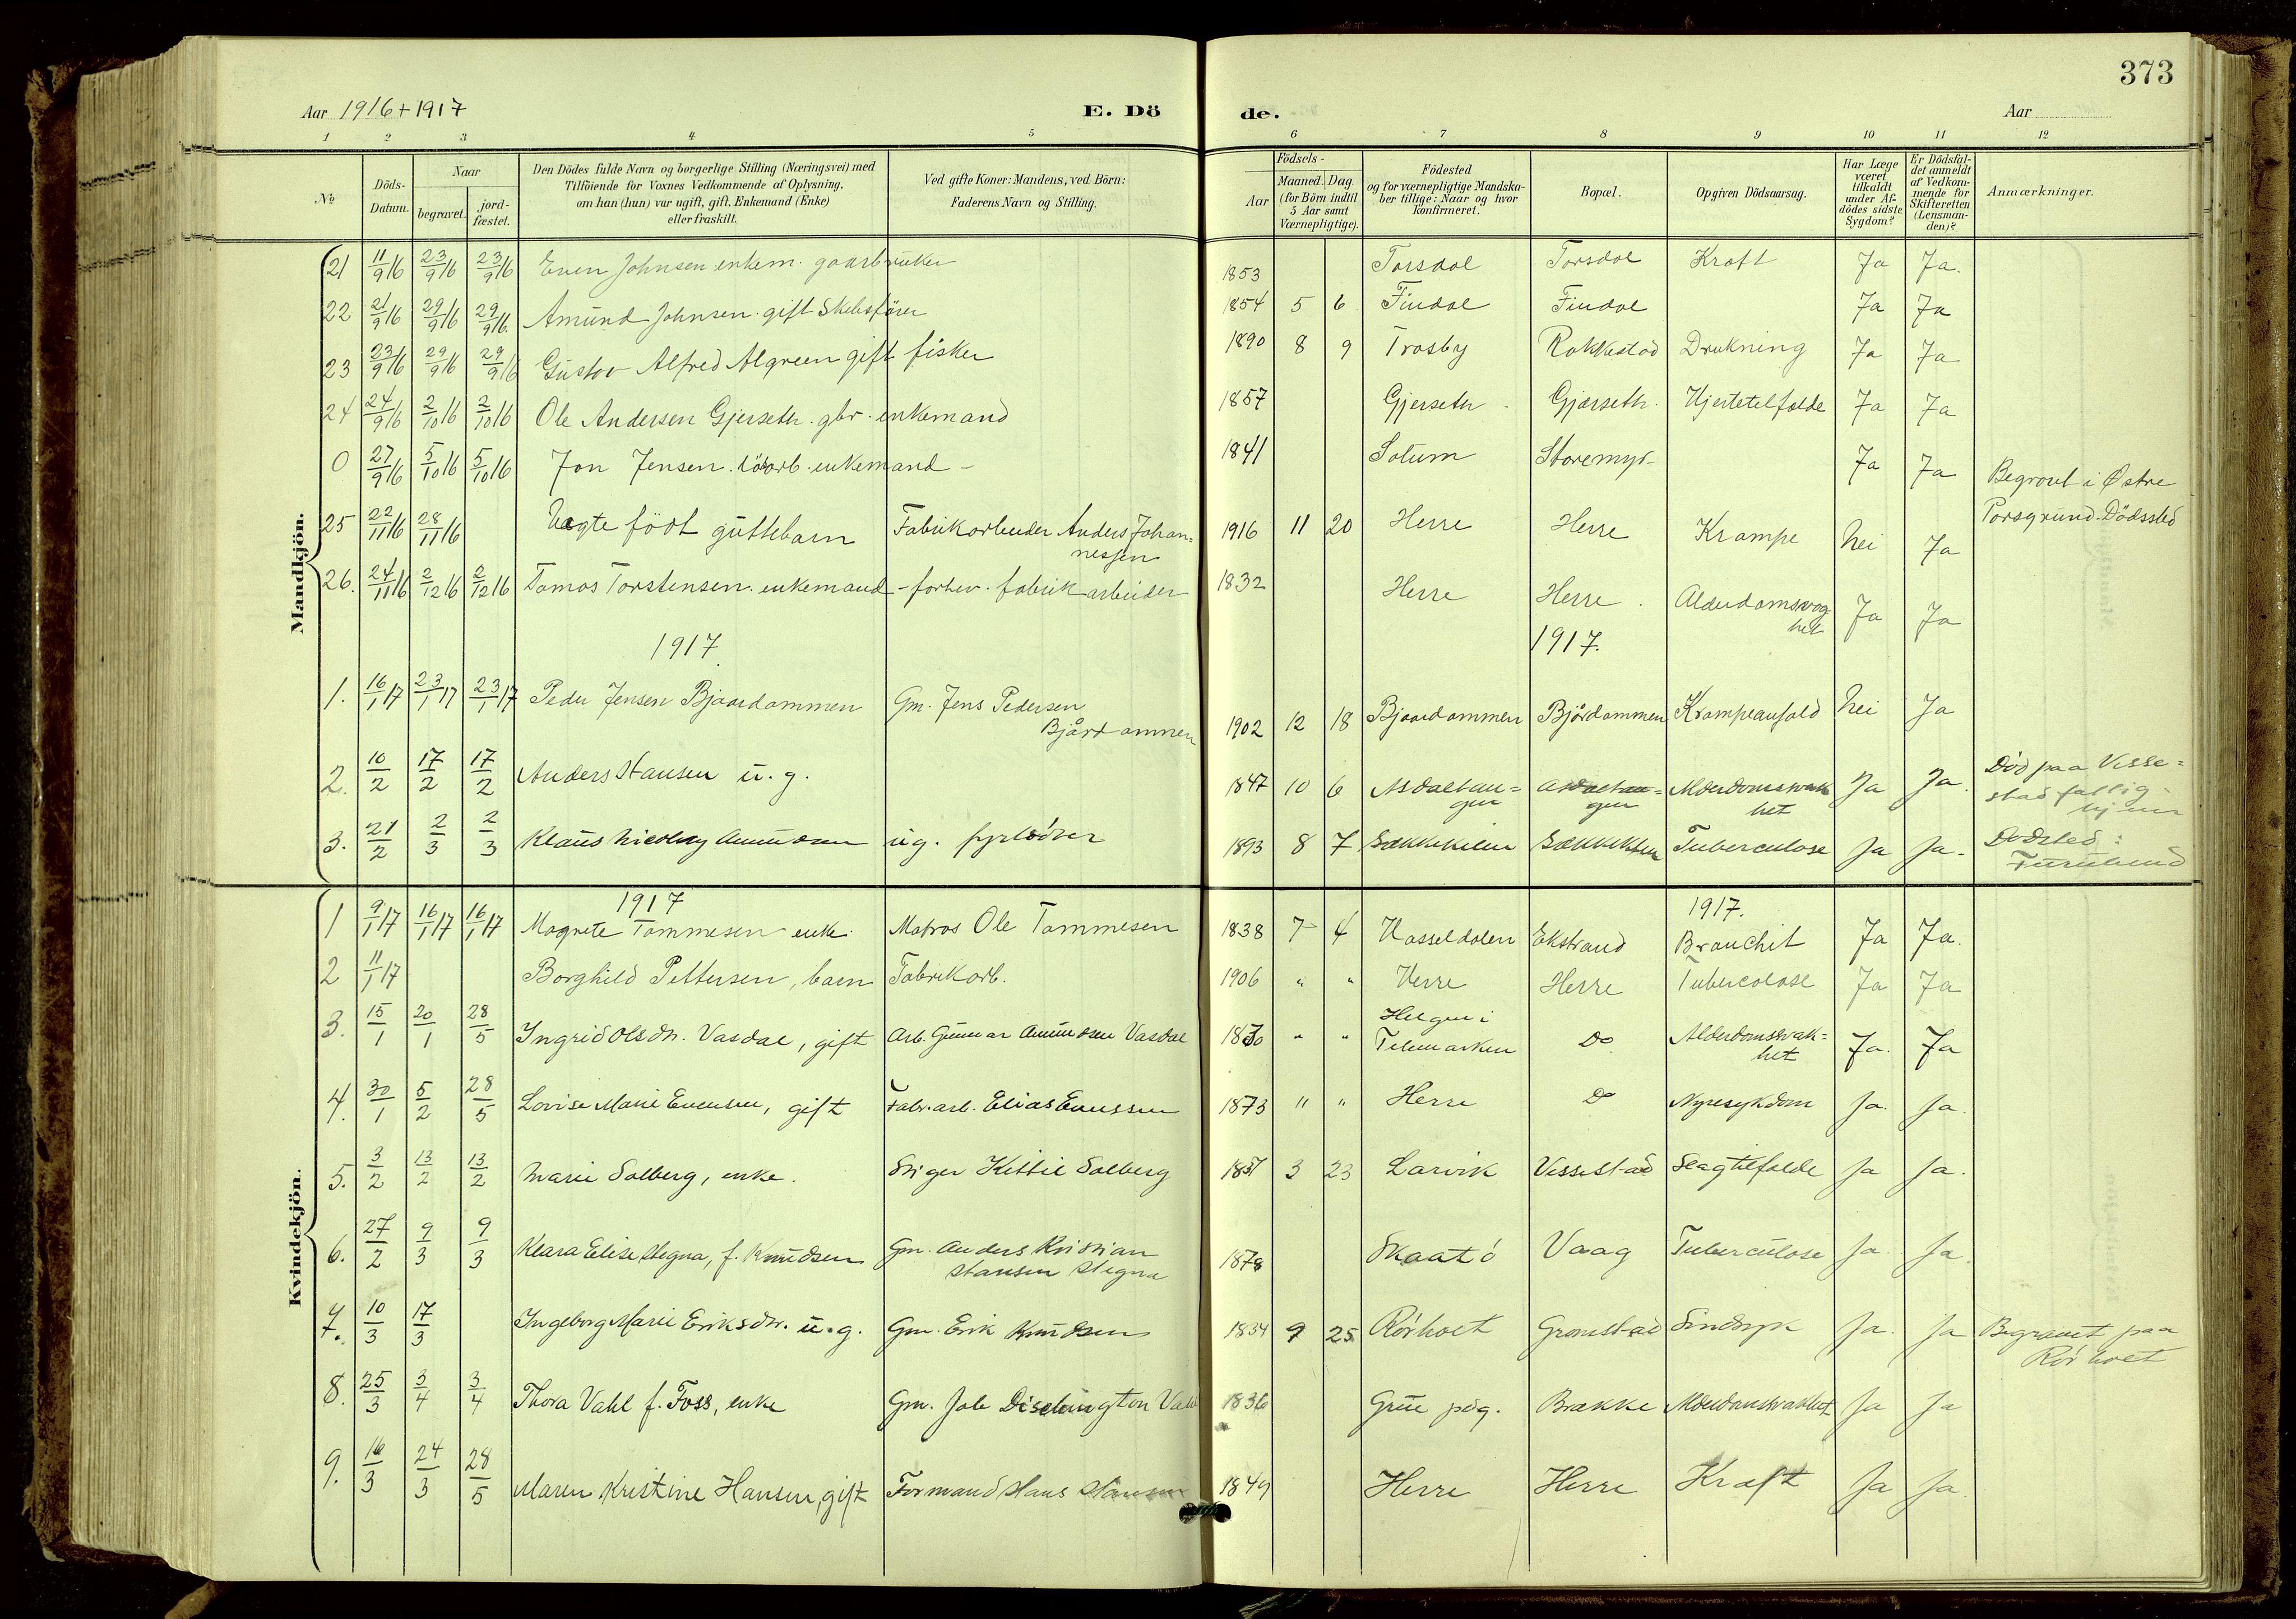 SAKO, Bamble kirkebøker, G/Ga/L0010: Klokkerbok nr. I 10, 1901-1919, s. 373